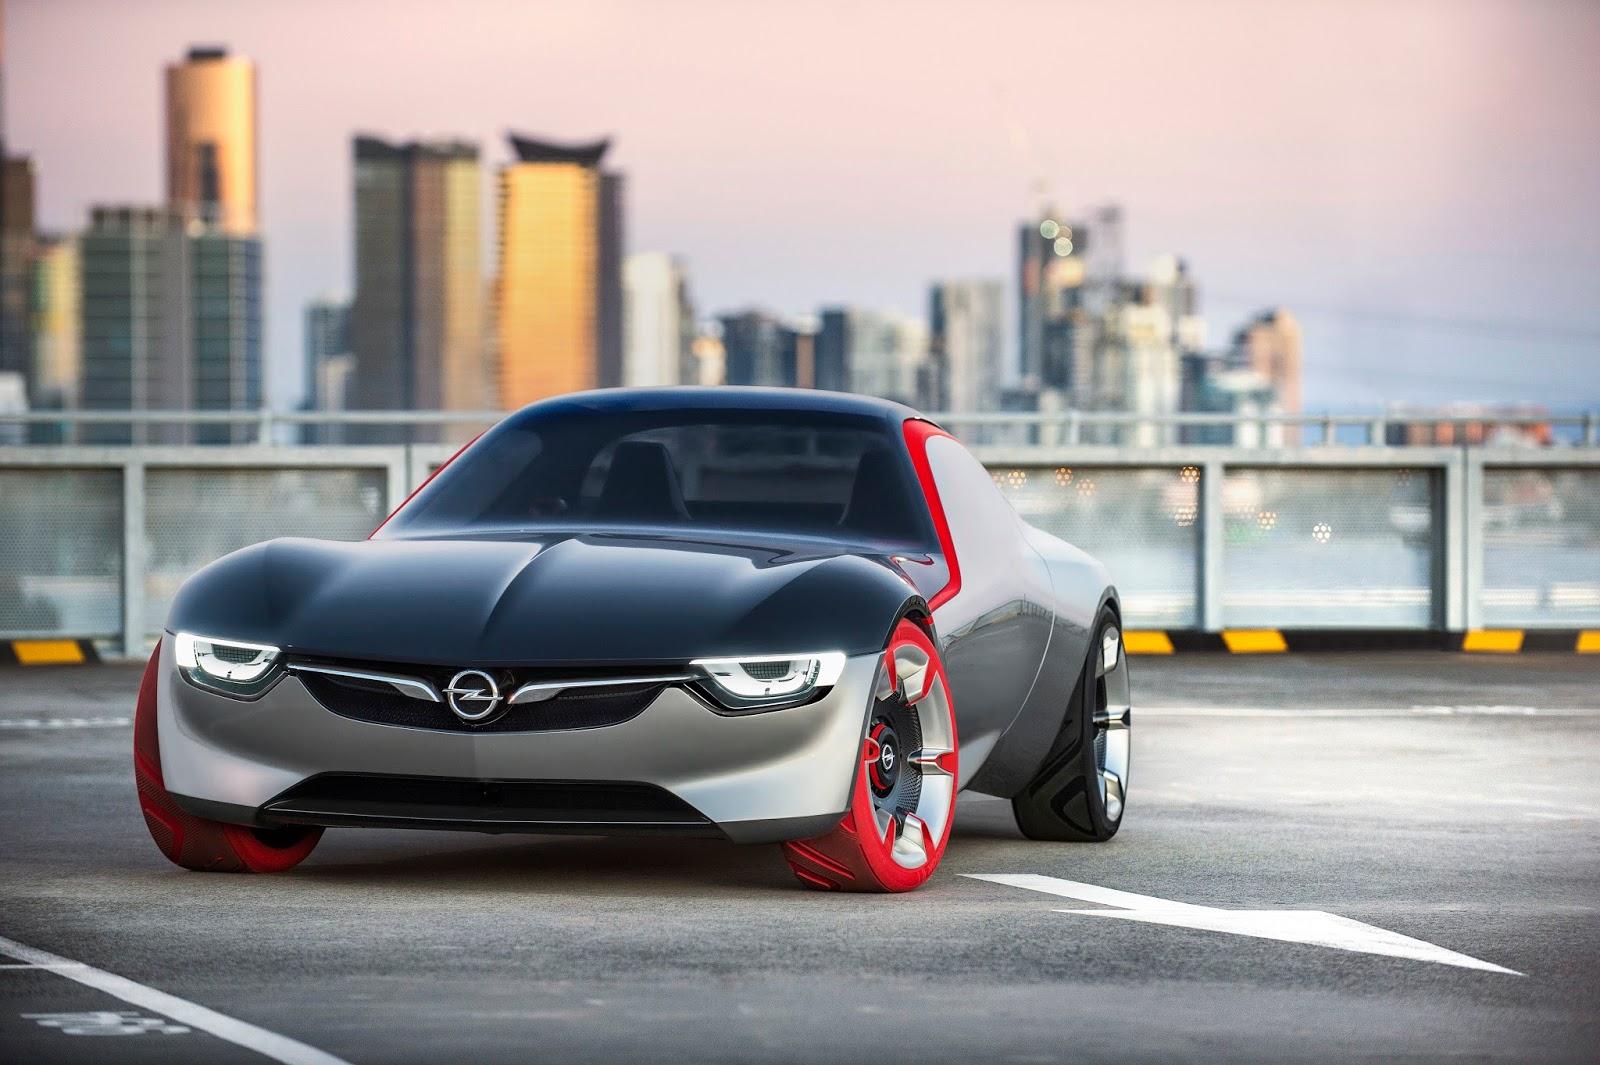 Opel GT Concept 298968 Αυτό είναι το νέο Opel GT Concept